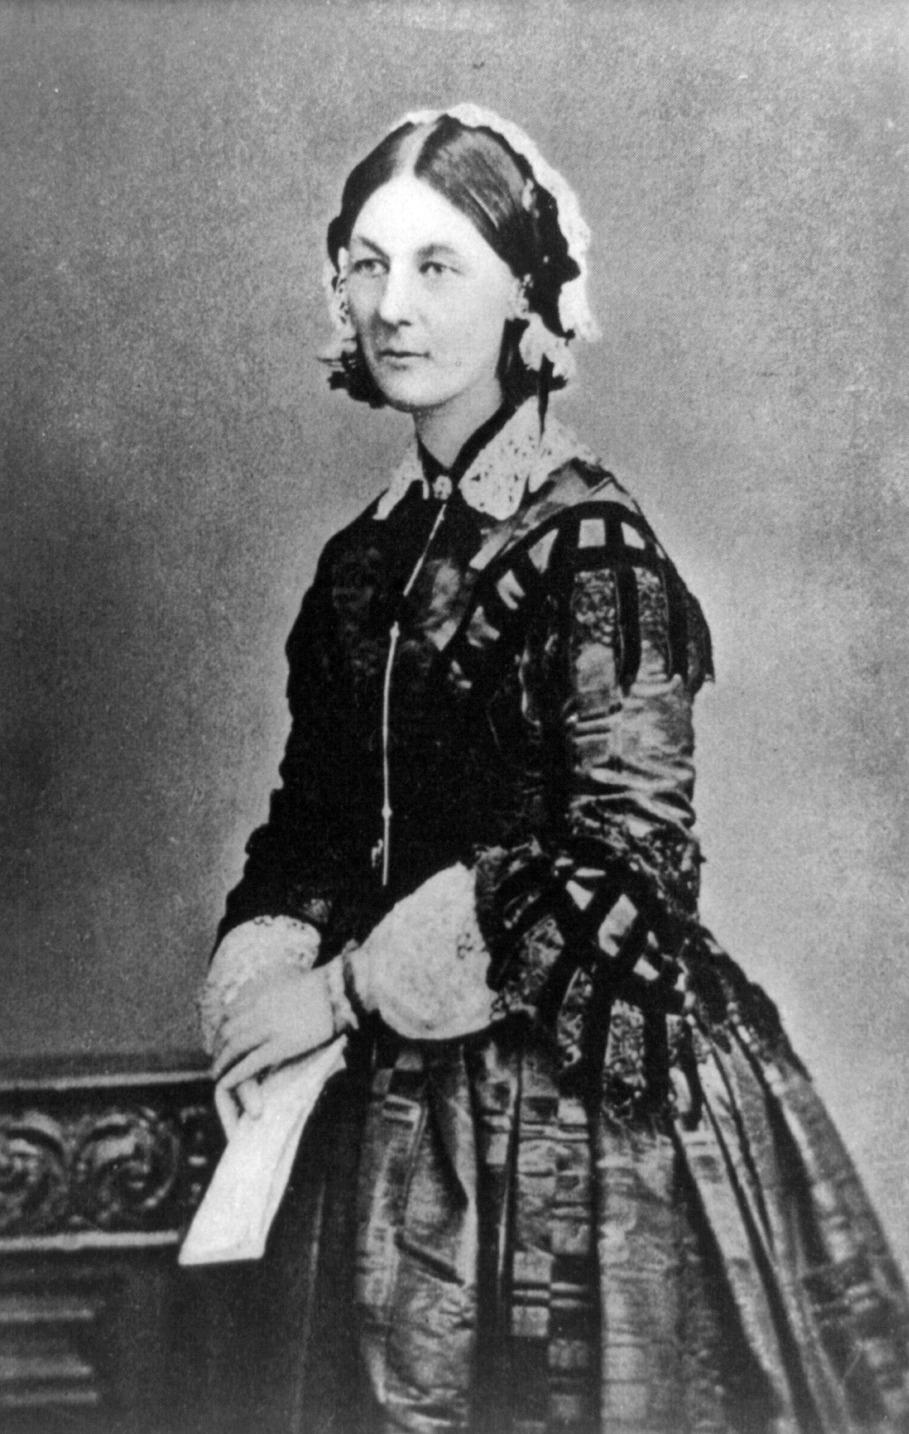 Florence Nightingale 1860 körül